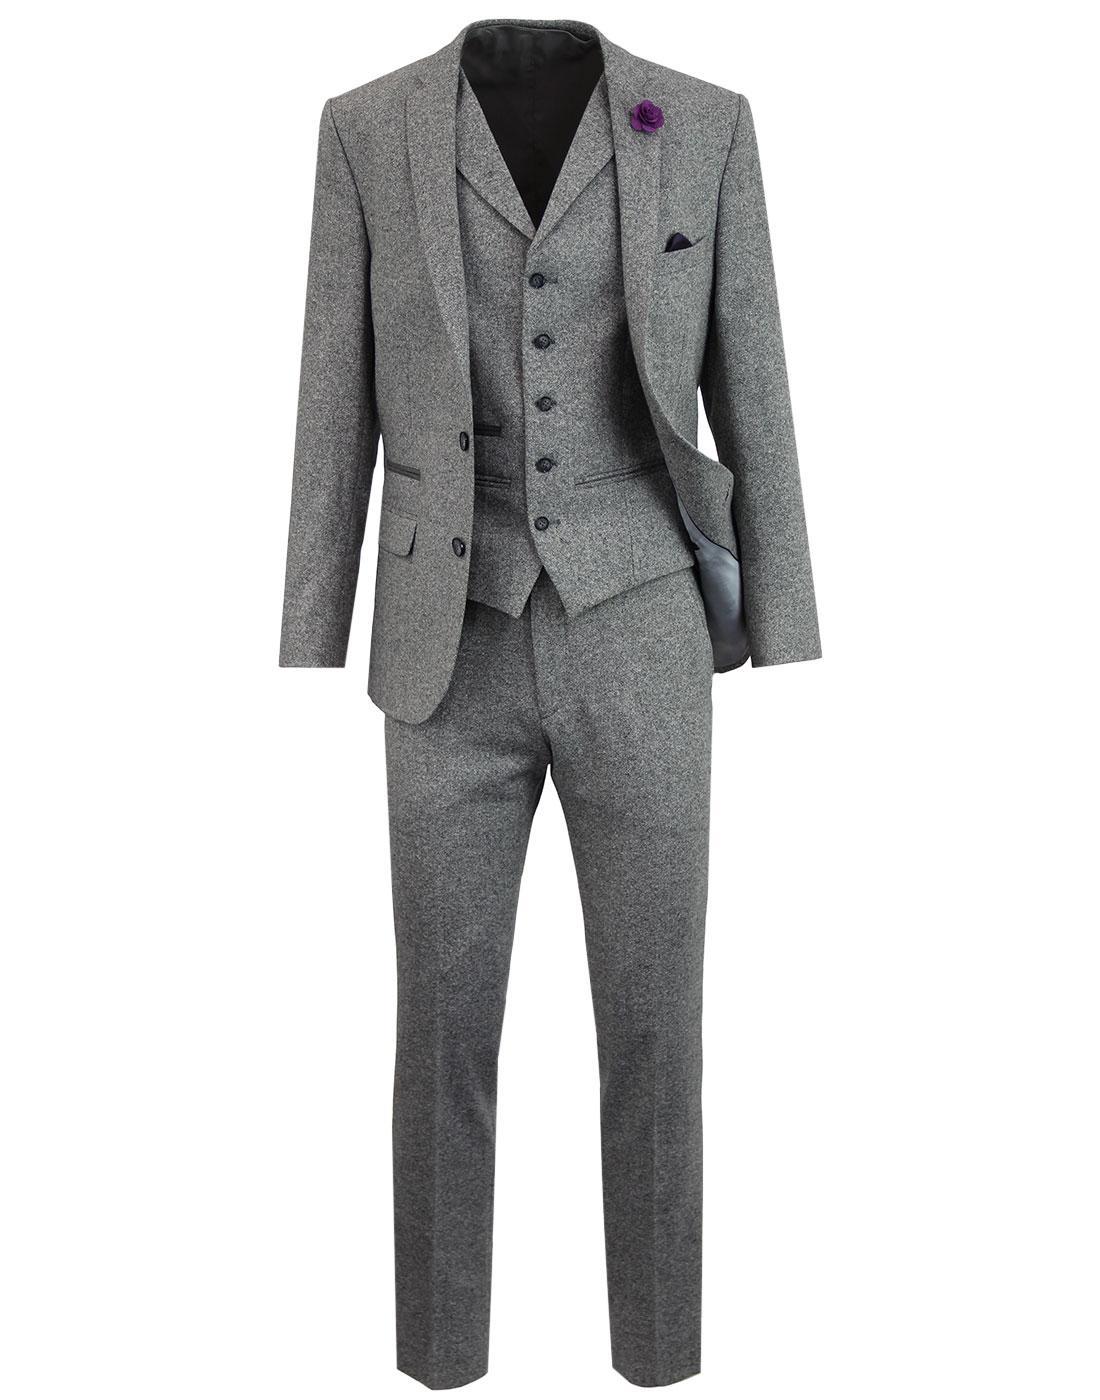 Men's 60s Mod Donegal Fleck 2 Button Suit - Silver